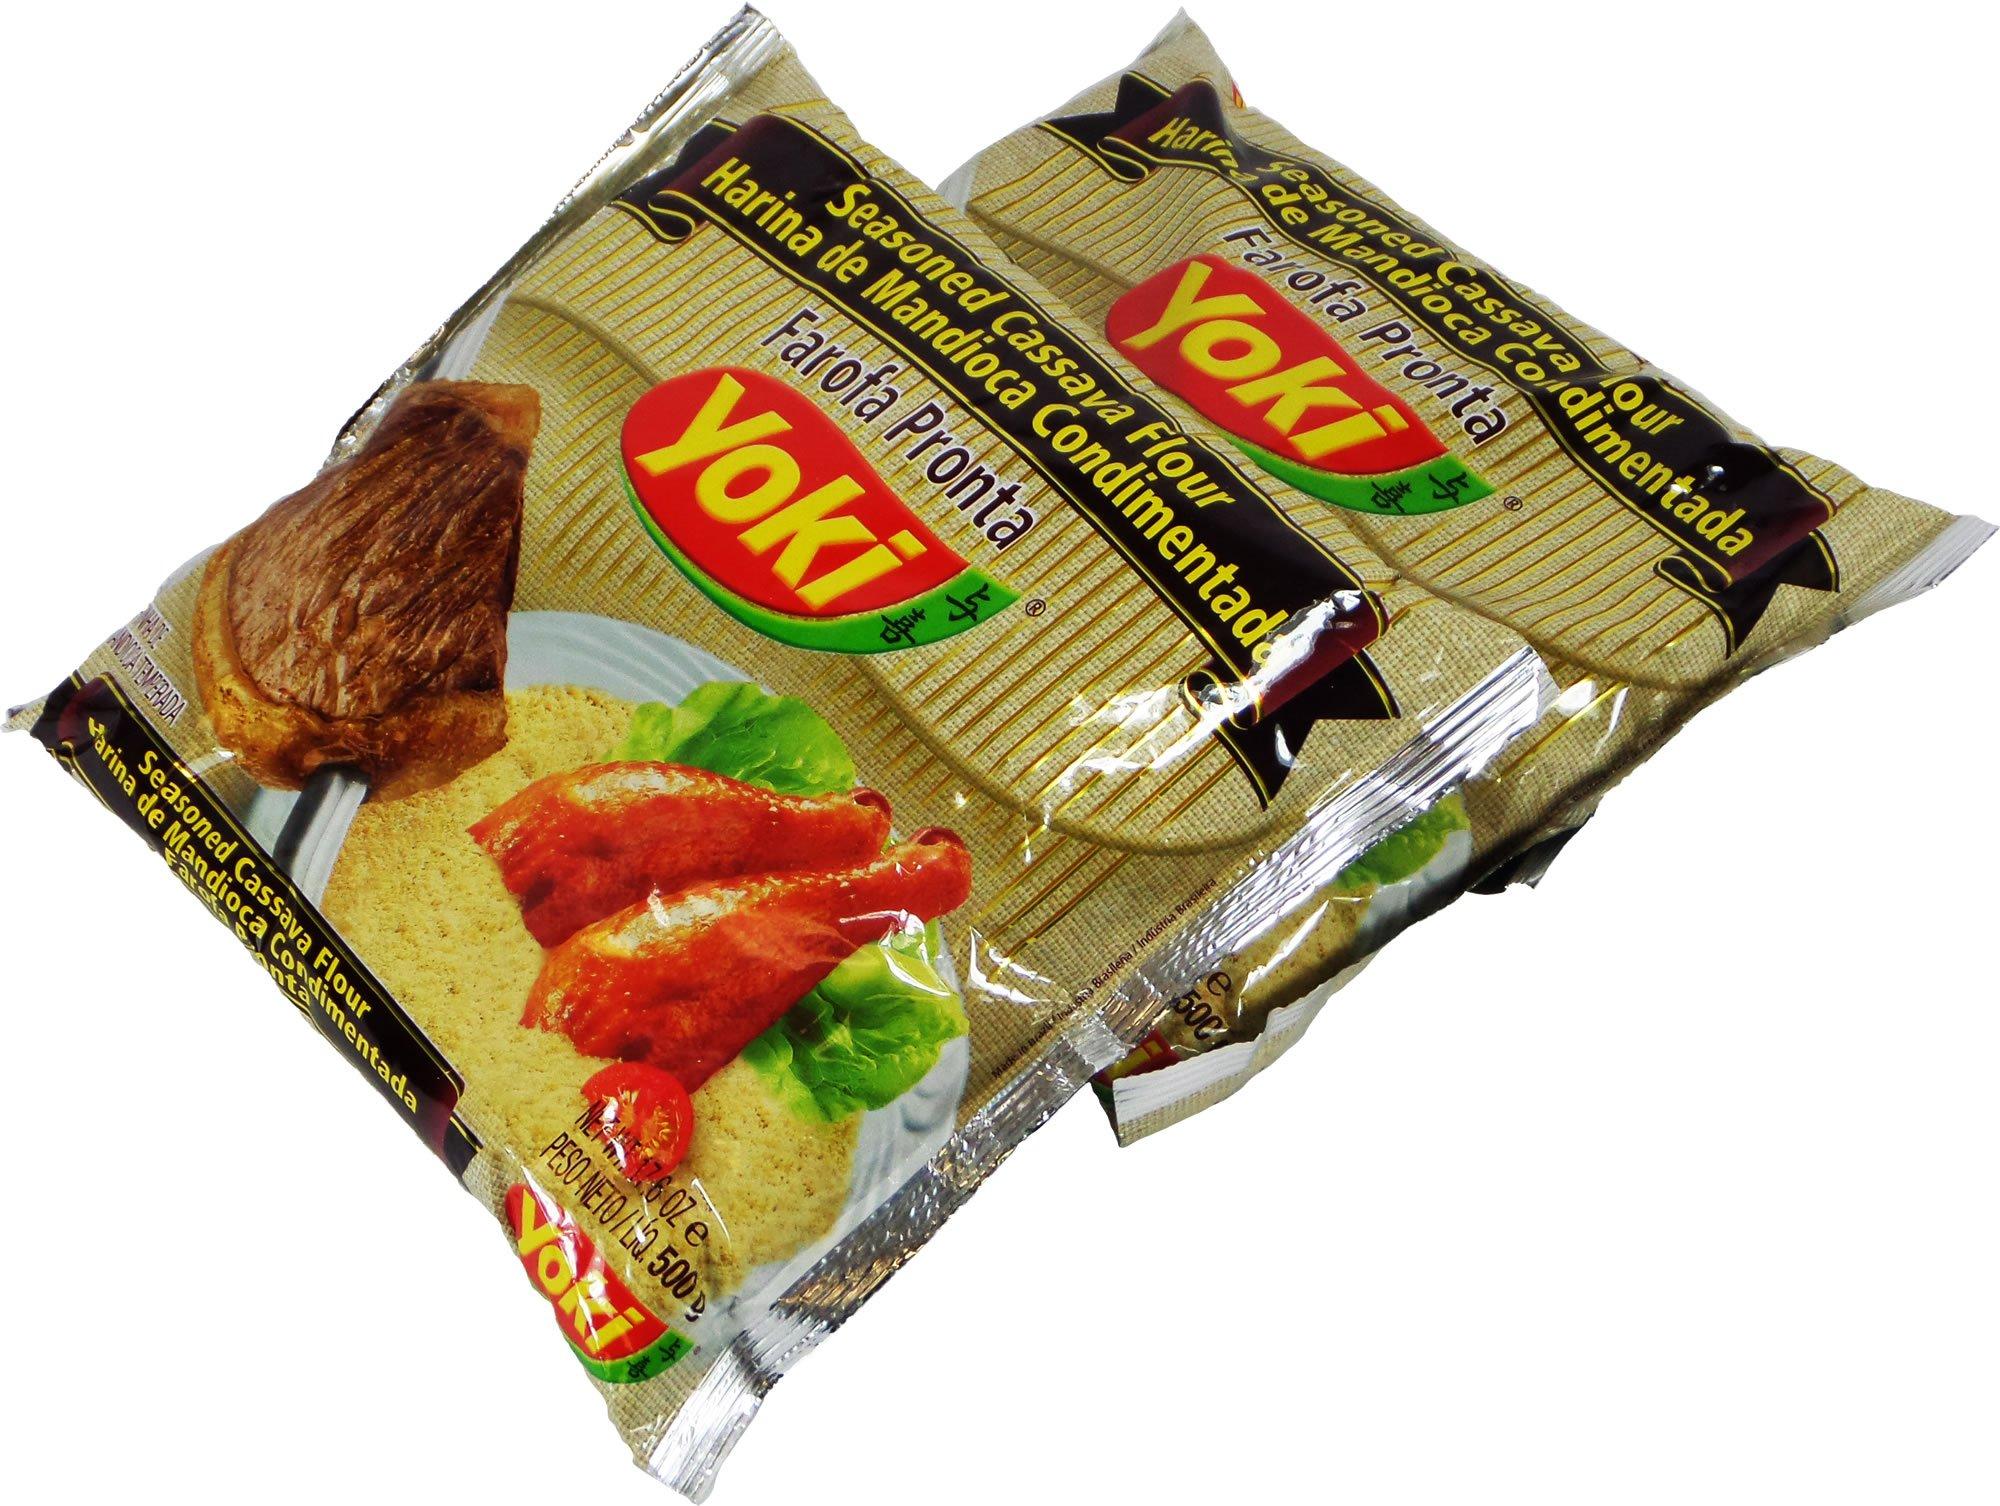 Amazon.com : Yoki Kimilho Flocão 500g : Grocery & Gourmet Food